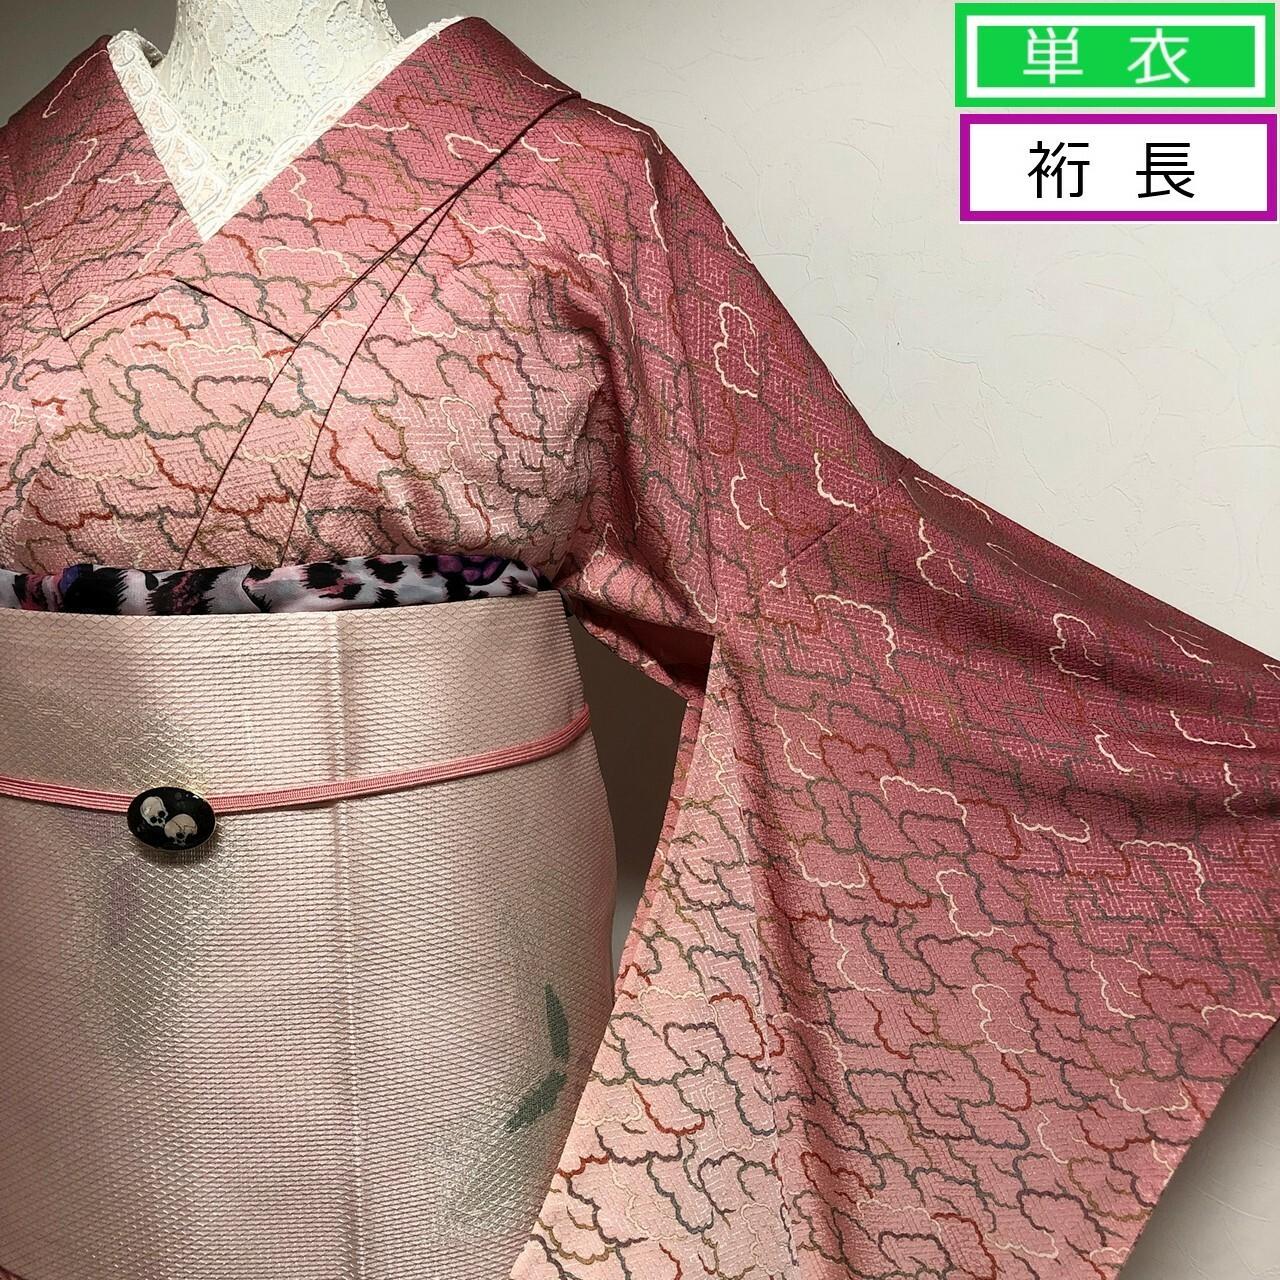 【単衣】裄長!超美品!付下げ小紋桃色グラデ染め分け 雲形文 丈164裄69